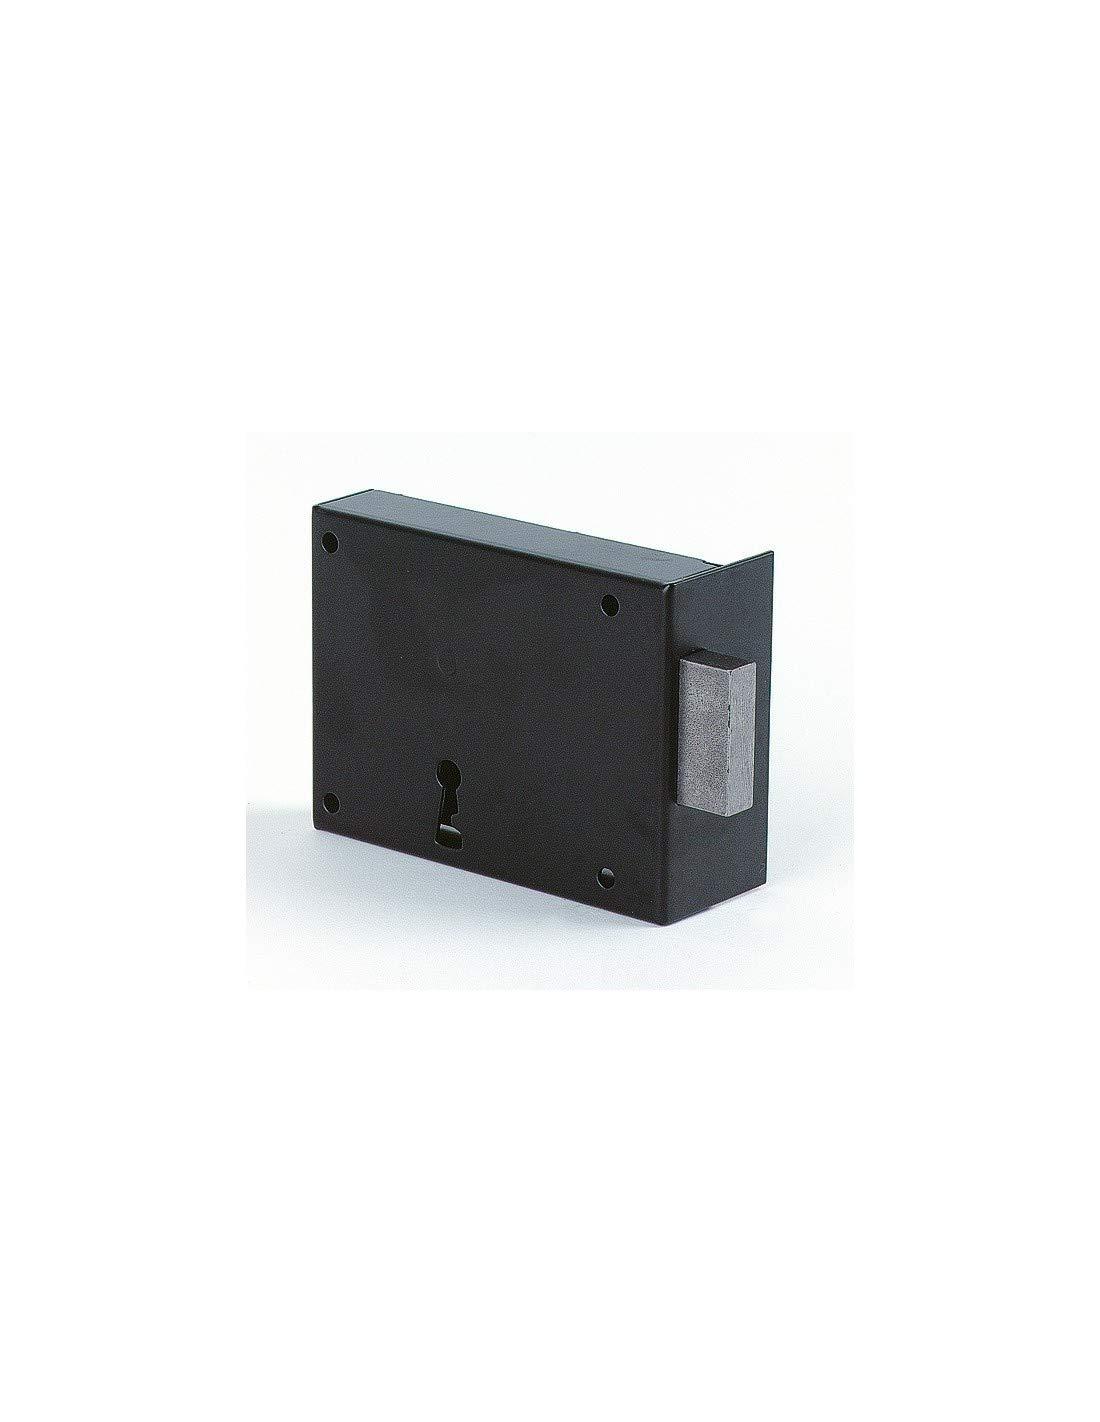 Main.D A.105 B.160 Serrure de securite a poser en applique horizontale noire-pene dormant Jpm R/éf..106